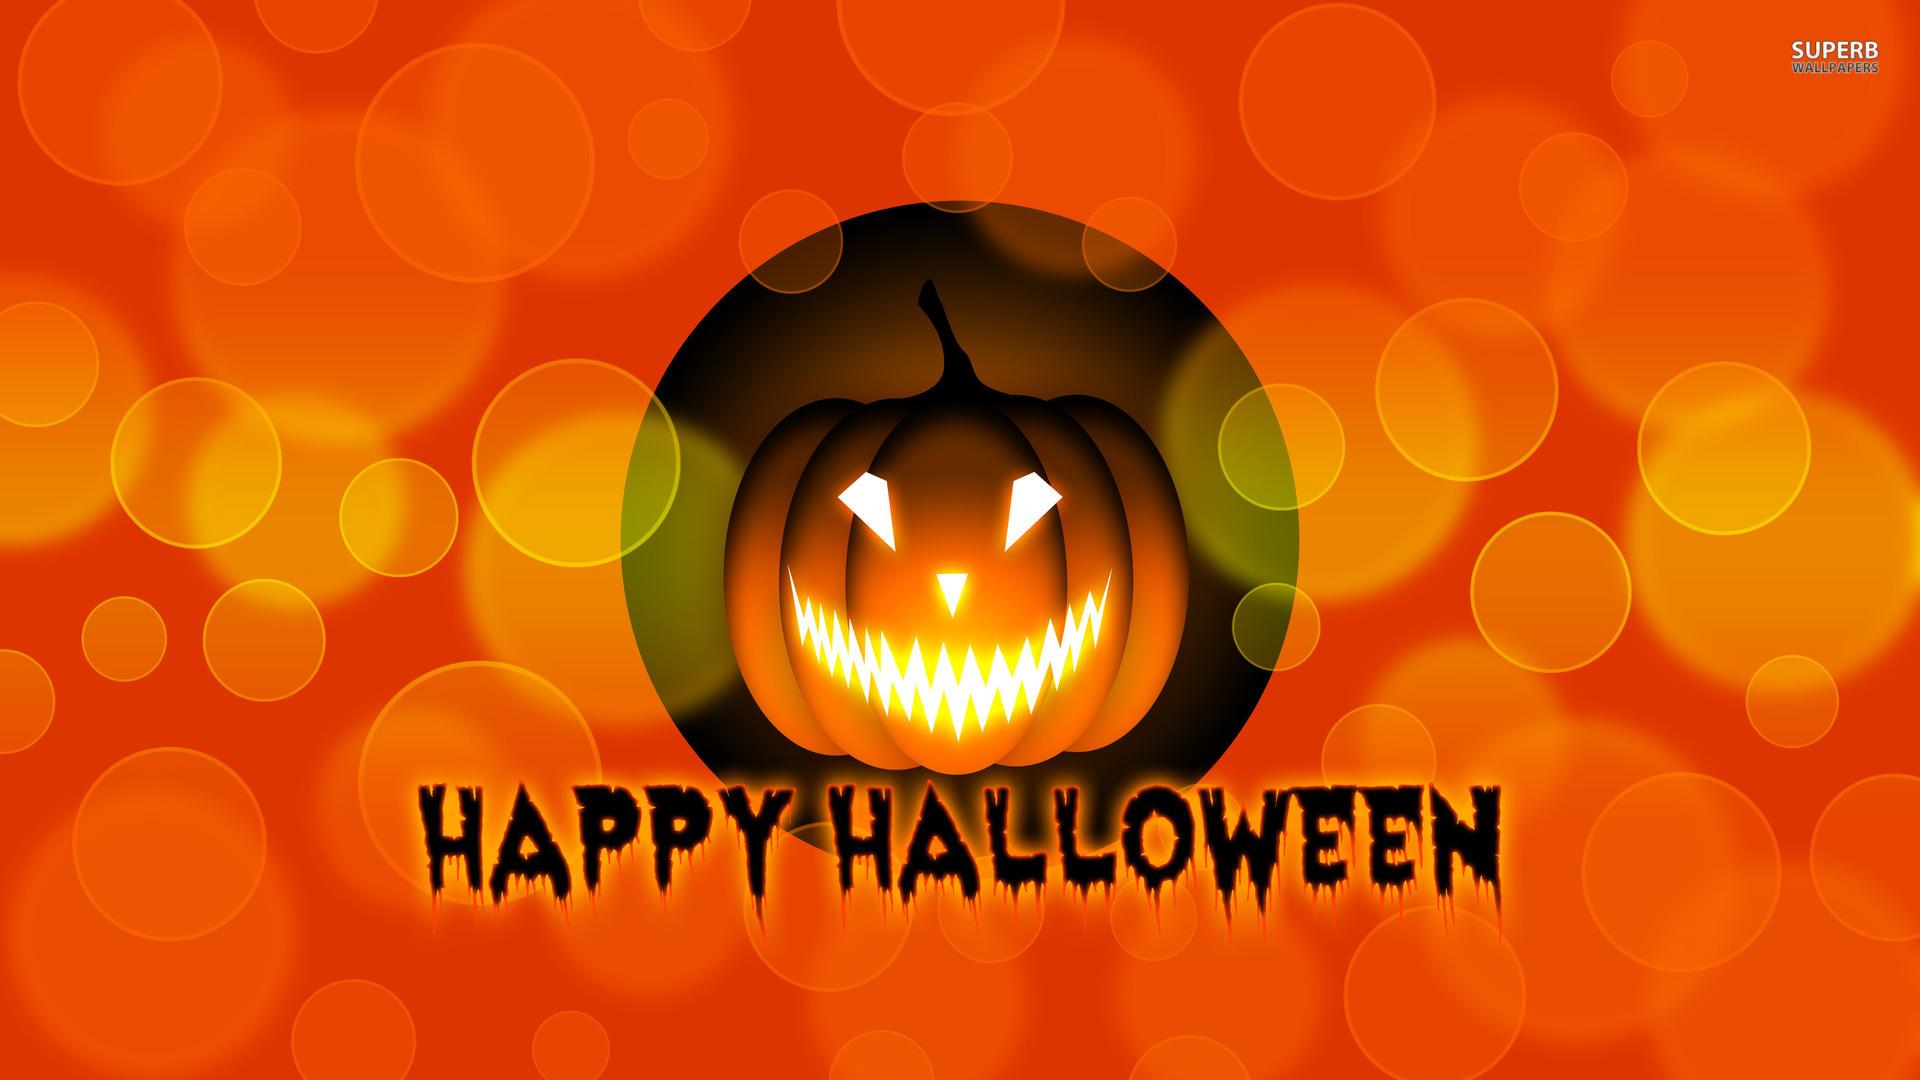 Wallpapers Happy Halloween (84+)